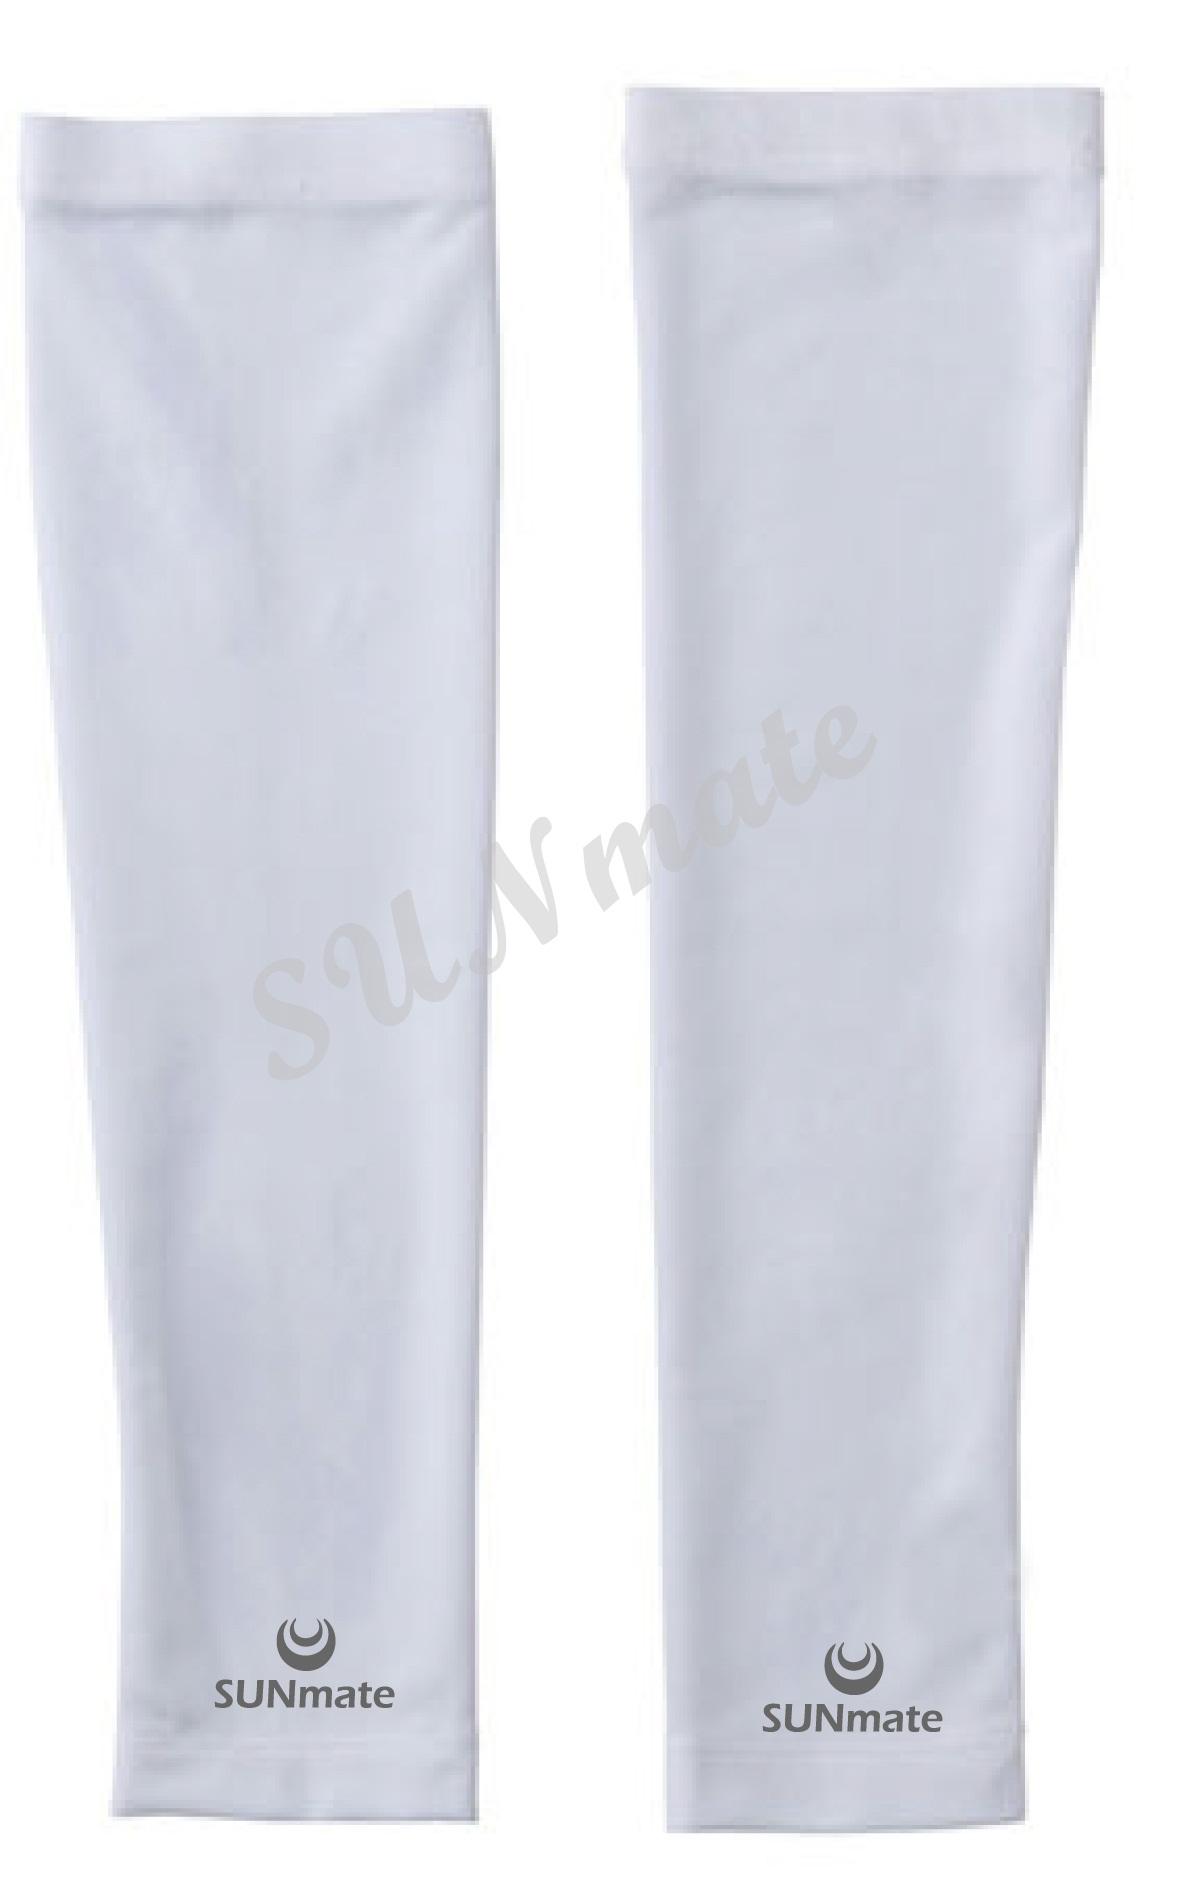 ปลอกแขนกัน UV size S : Ultra white